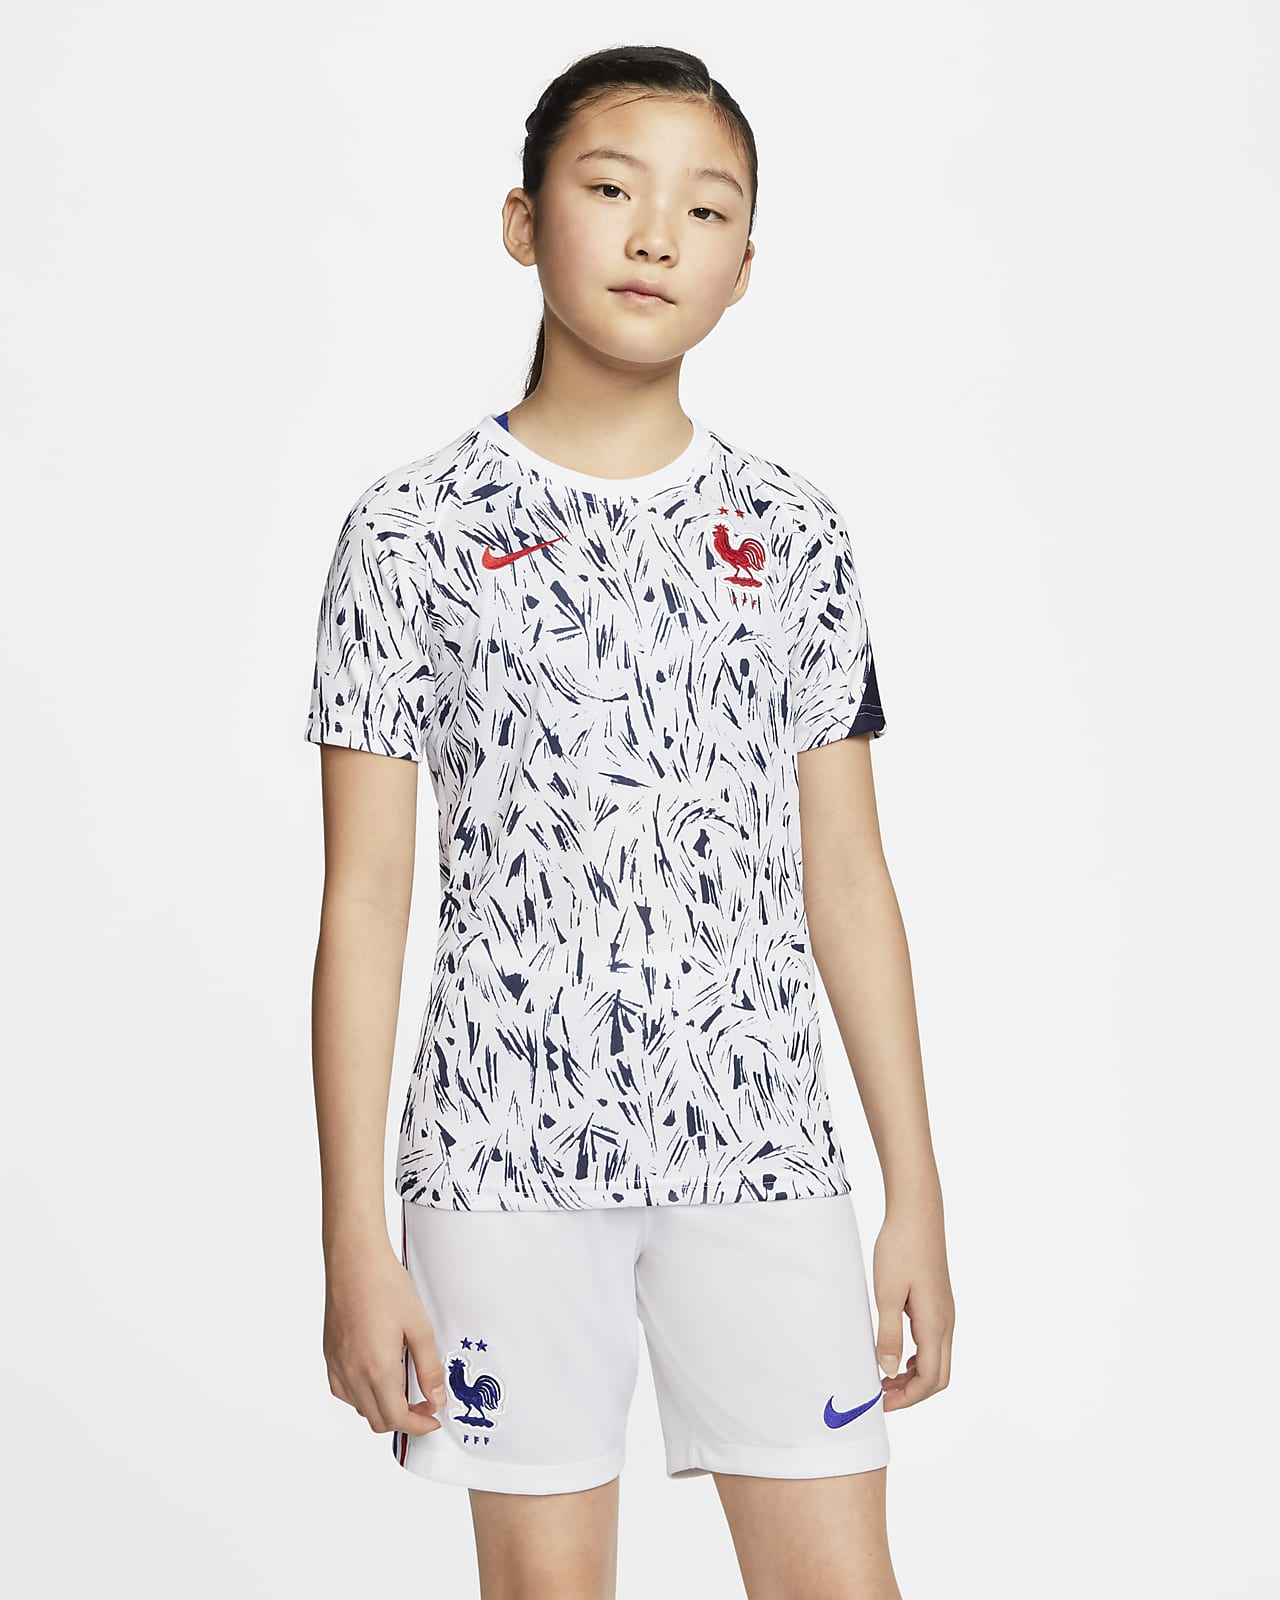 เสื้อฟุตบอลแขนสั้นเด็กโต FFF